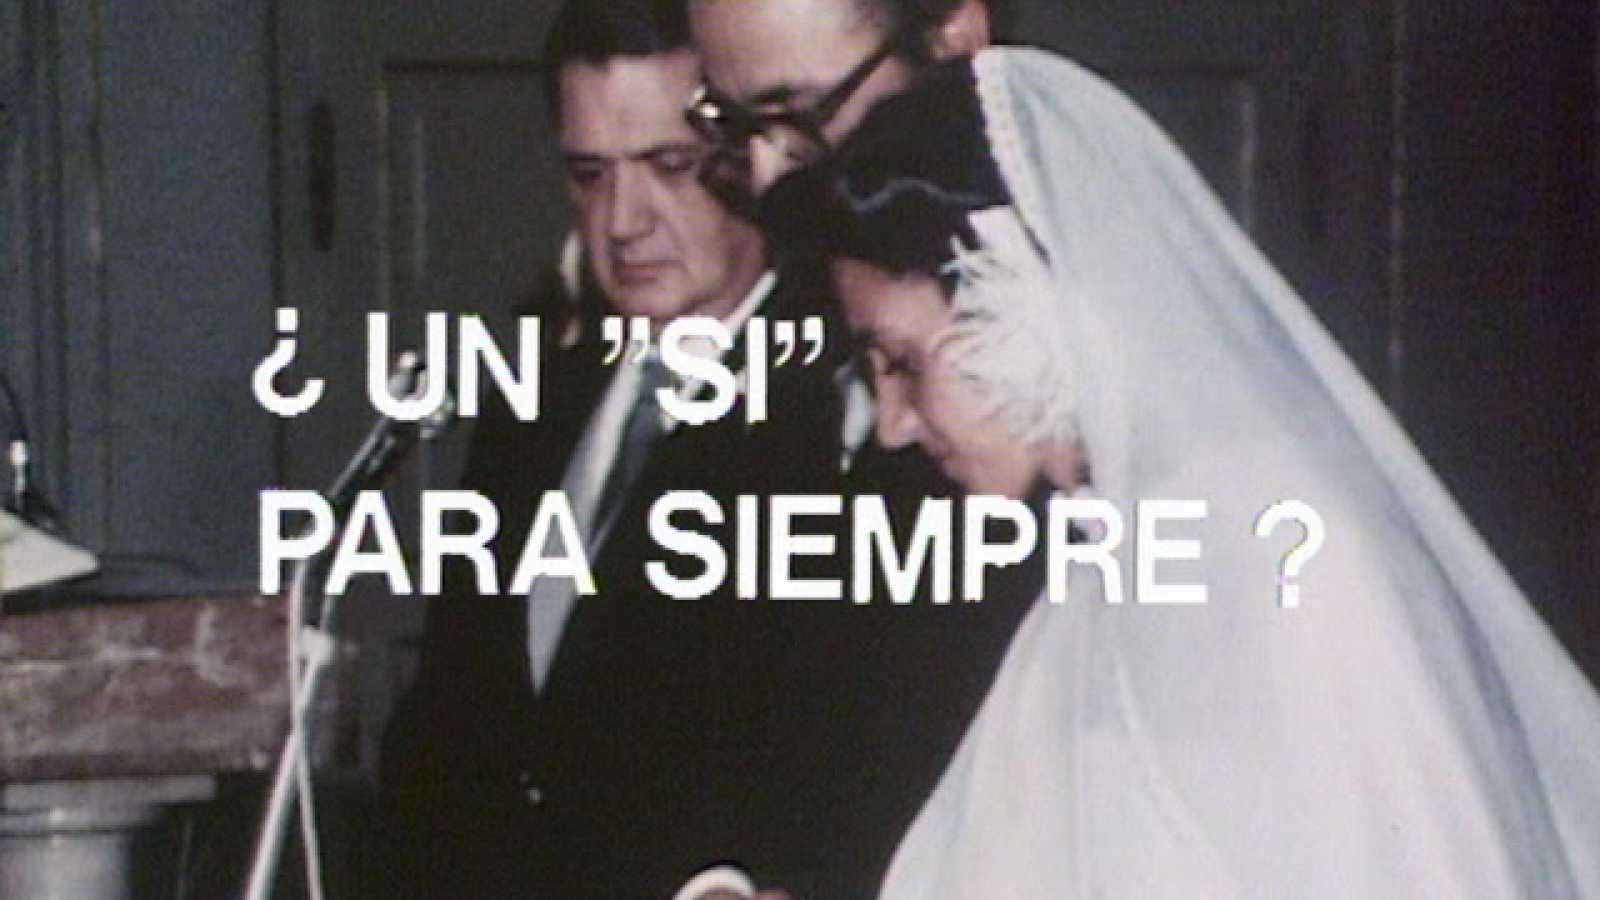 ¿Te acuerdas? - 30 años de la ley del divorcio